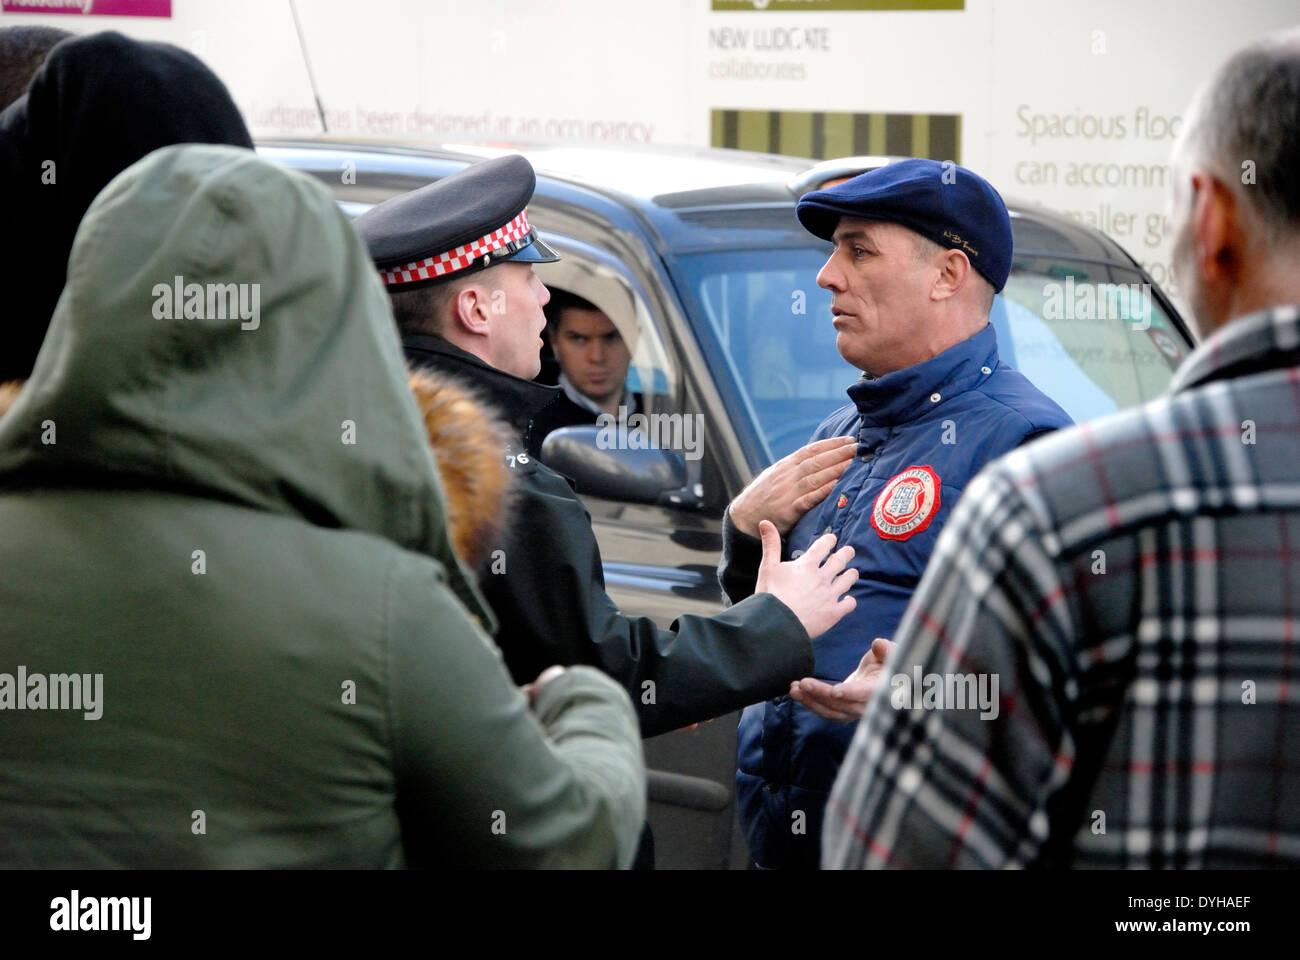 La confrontación entre la policía y un manifestante en el Lee Rigby juicio por asesinato condena - Old Bailey 26 Feb 2014. Imagen De Stock